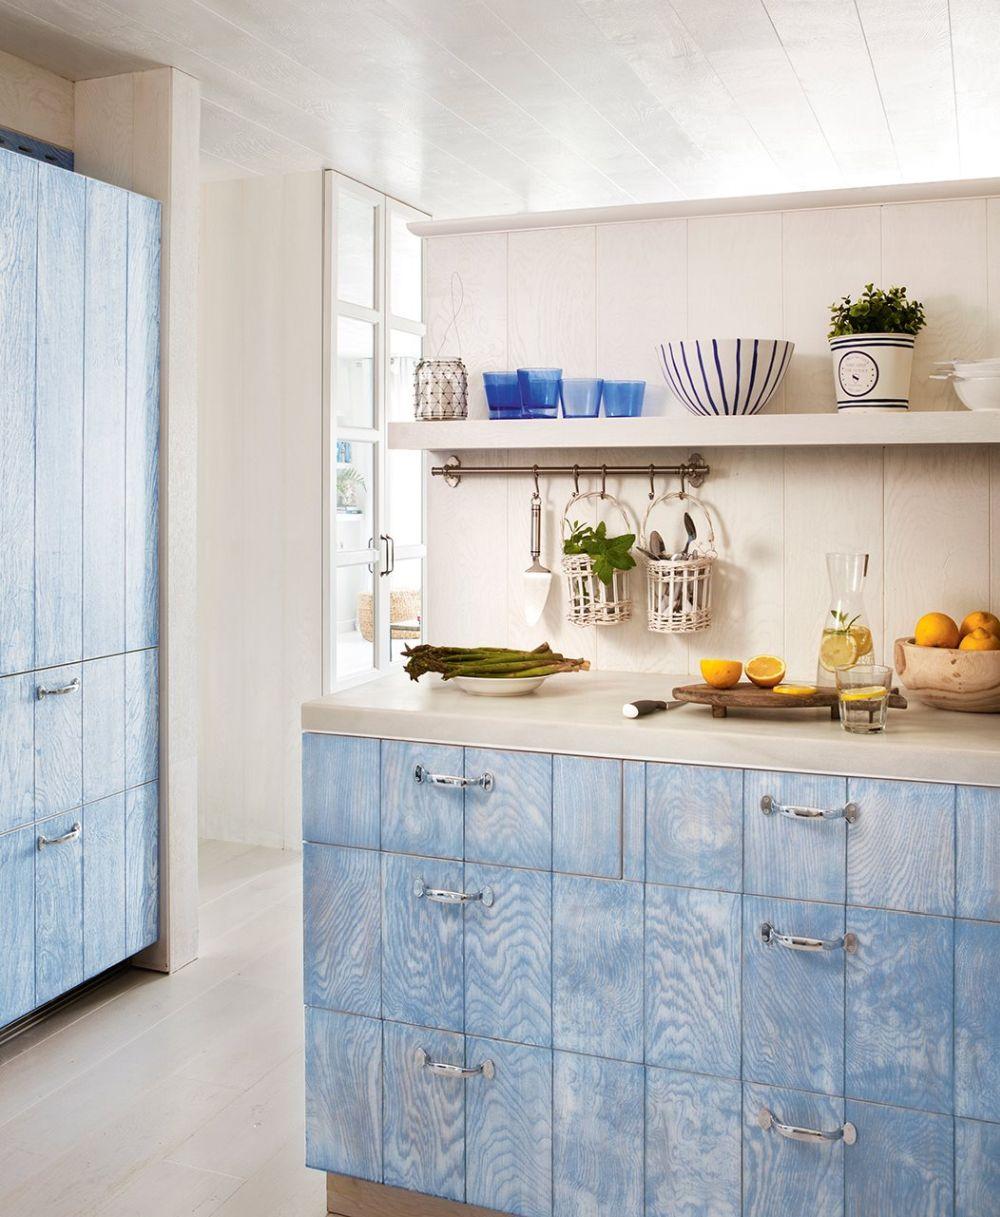 adelaparvu.com despre apartament 95 mp, Barcelona, designer Gemma Gallego, Foto ElMueble, Pepa Oromi (3)